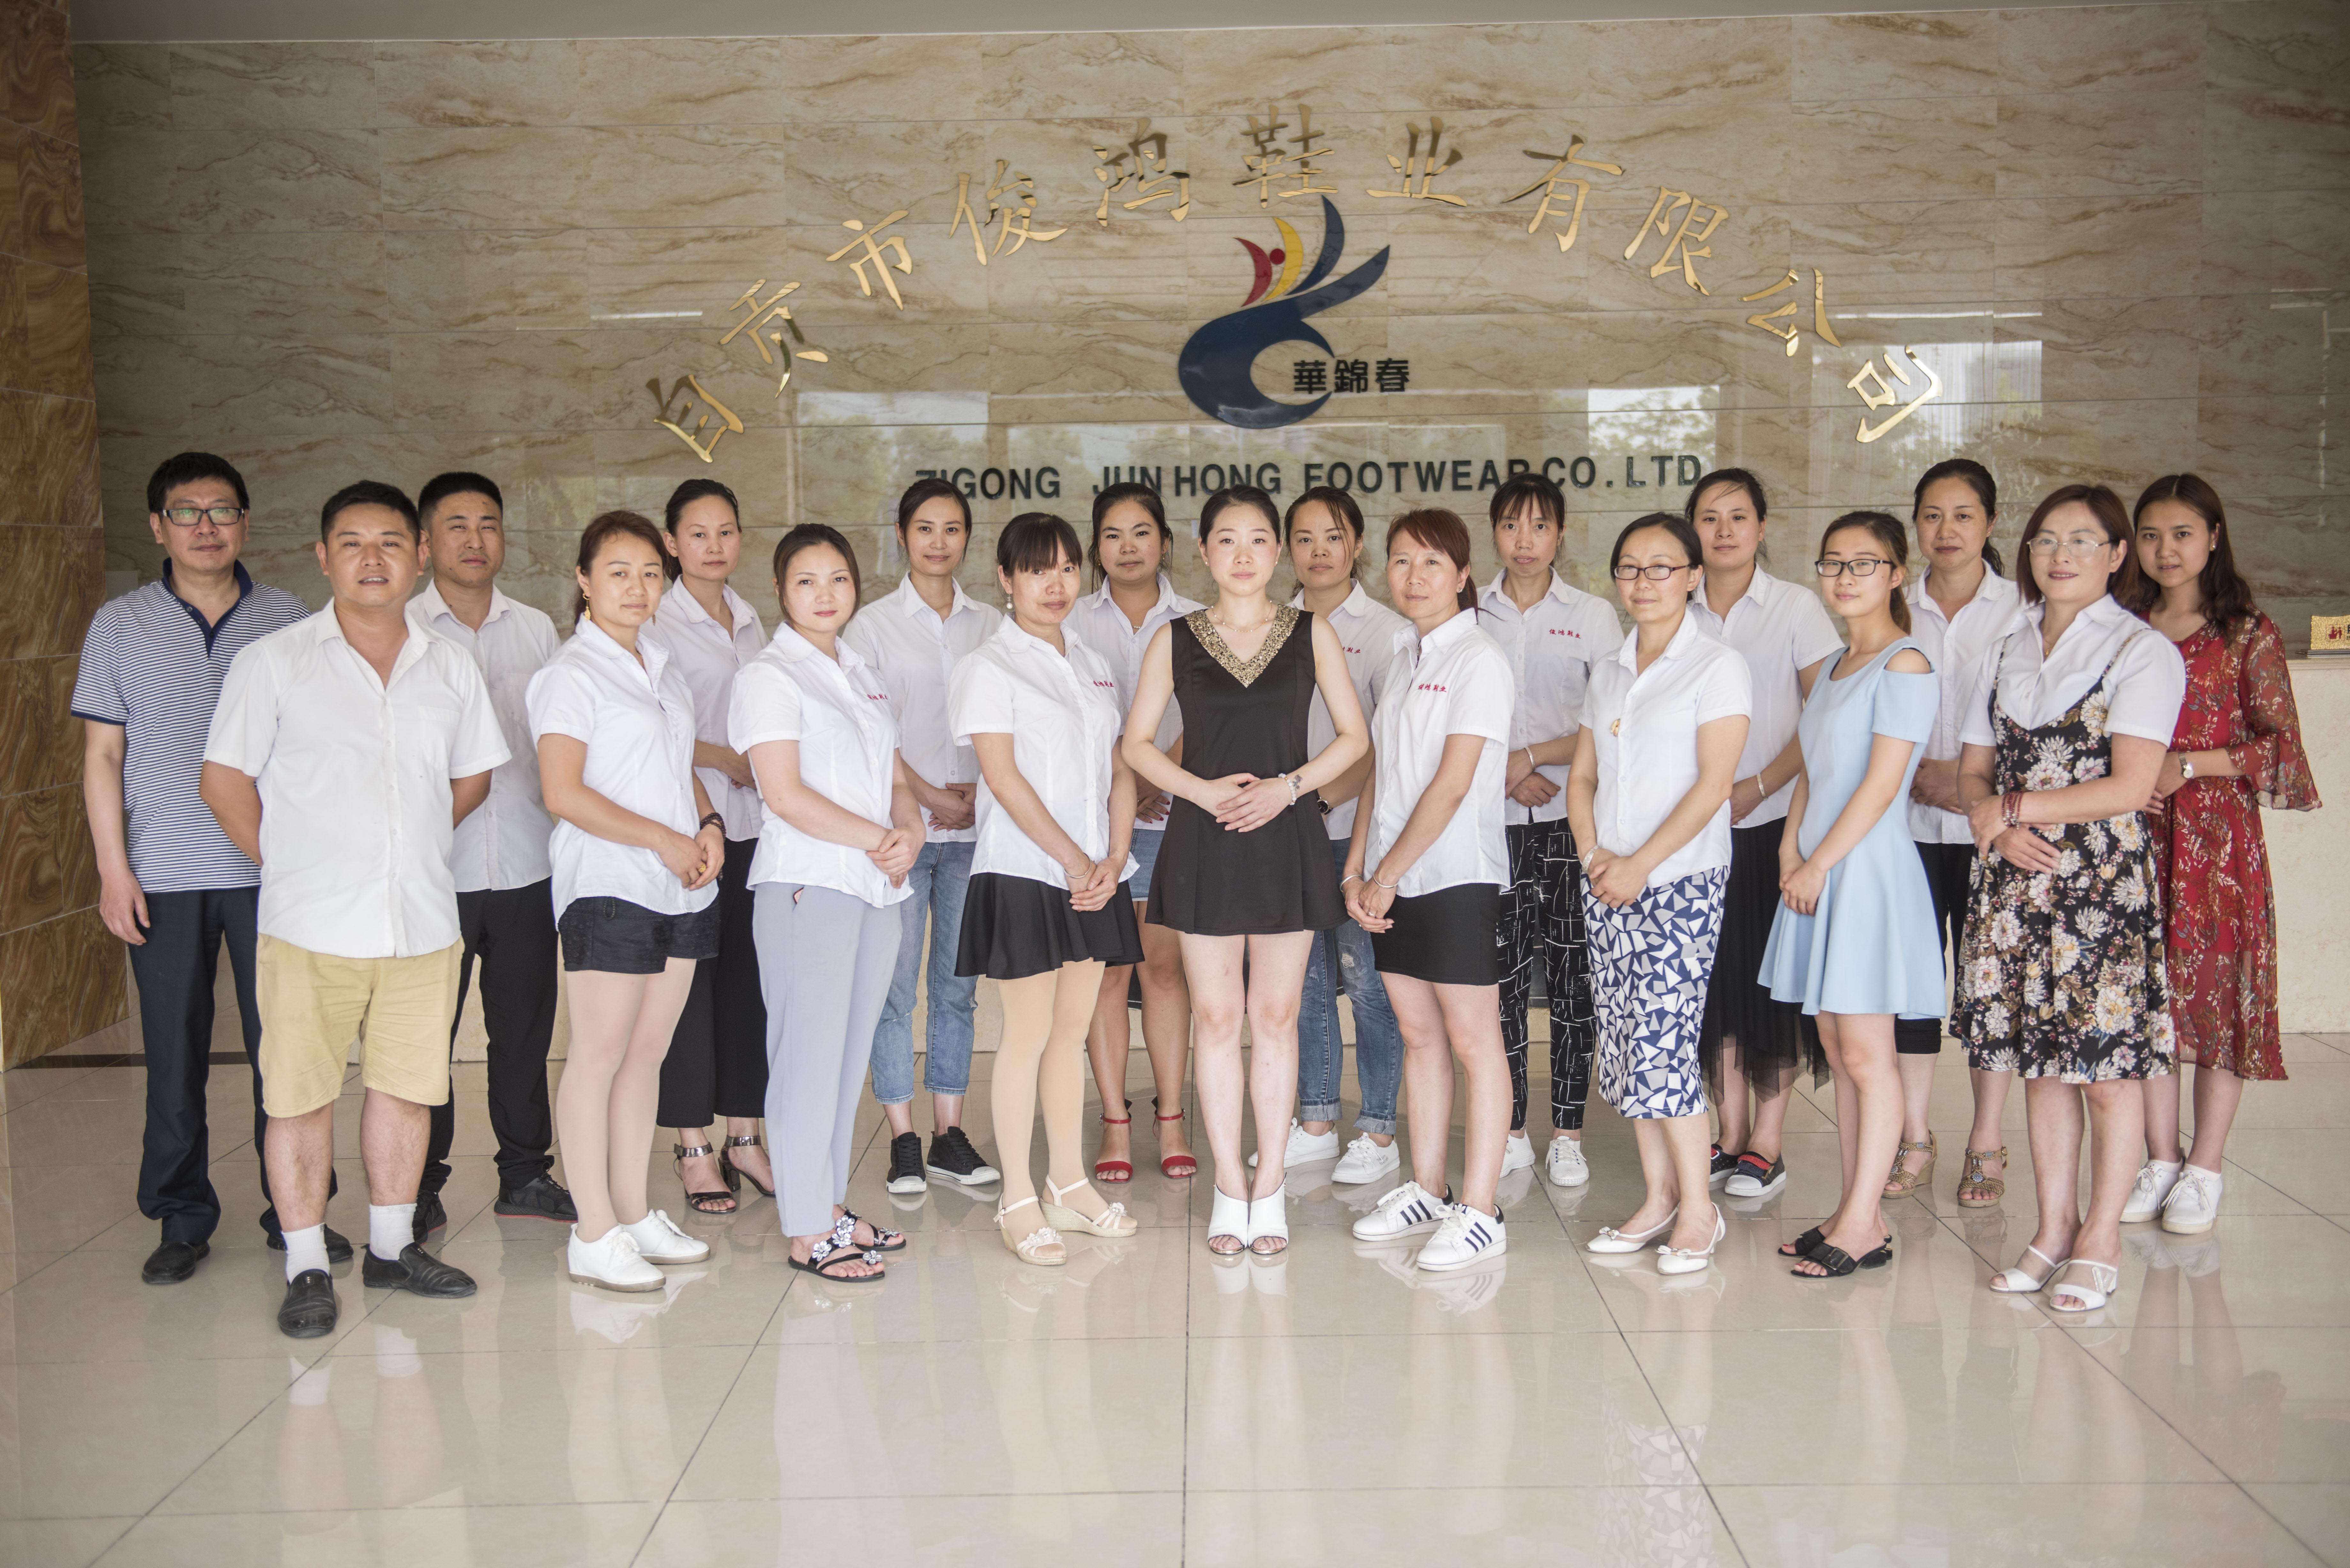 Прямая продажа с китайской фабрики, зимняя обувь, удобные высокие сапоги до бедра с завязкой для женщин